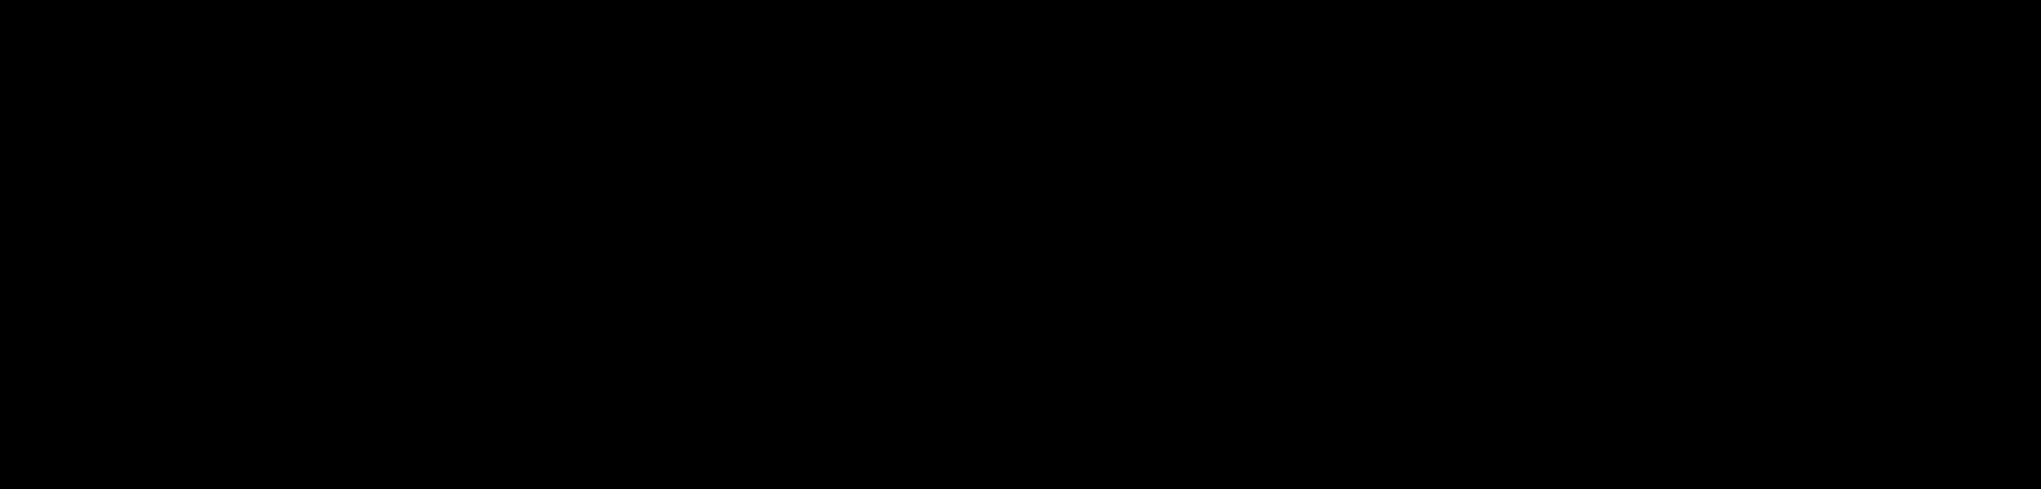 Andres Vidoza logo